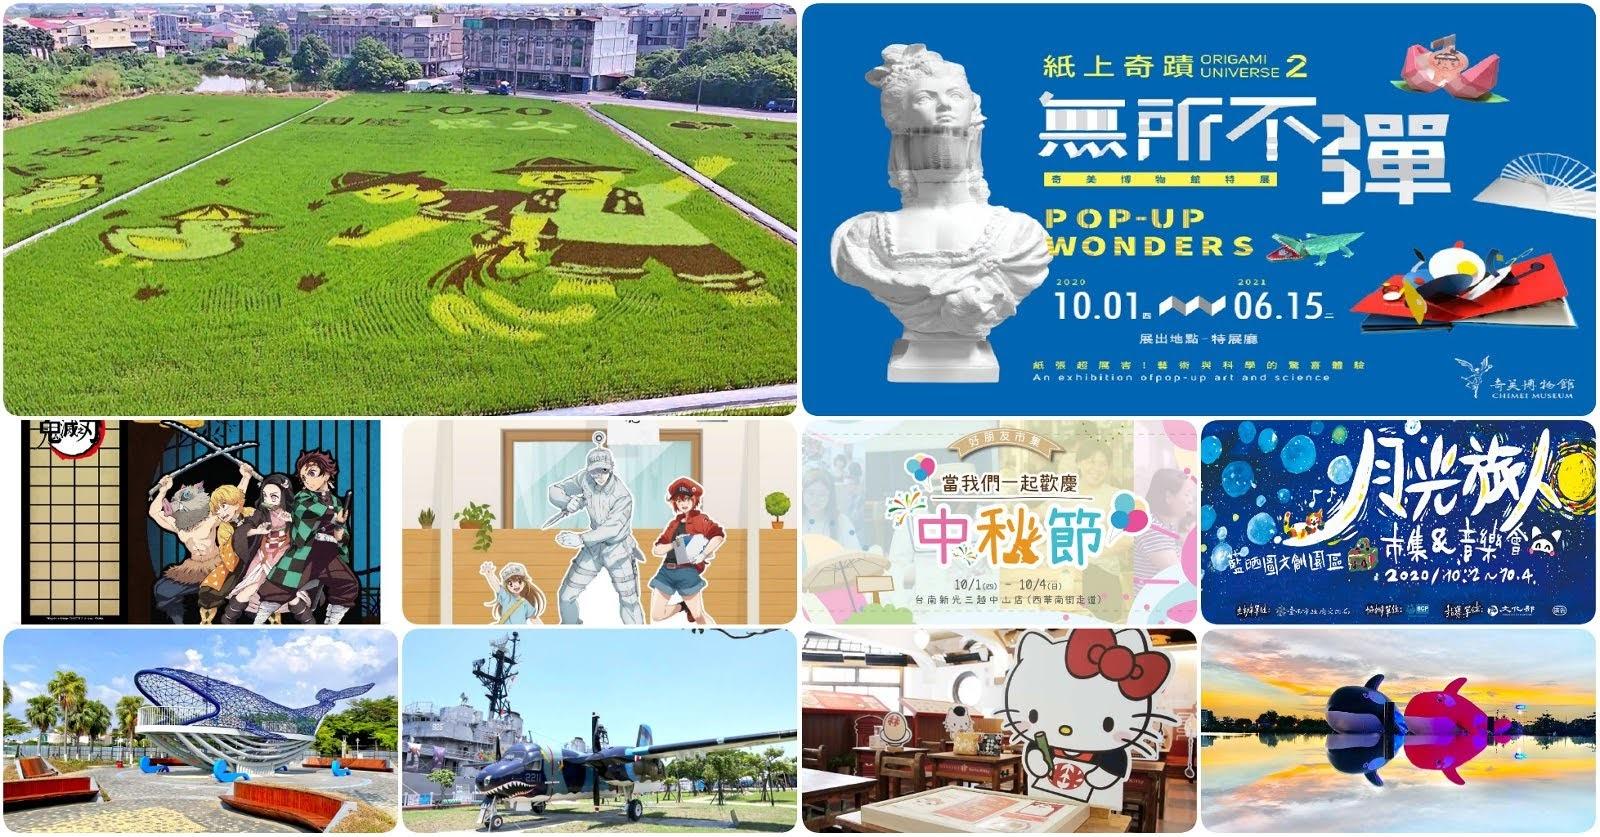 [活動] 2020/10/1-/10/4|台南週末活動整理|中秋特別版|本週末資訊數:90